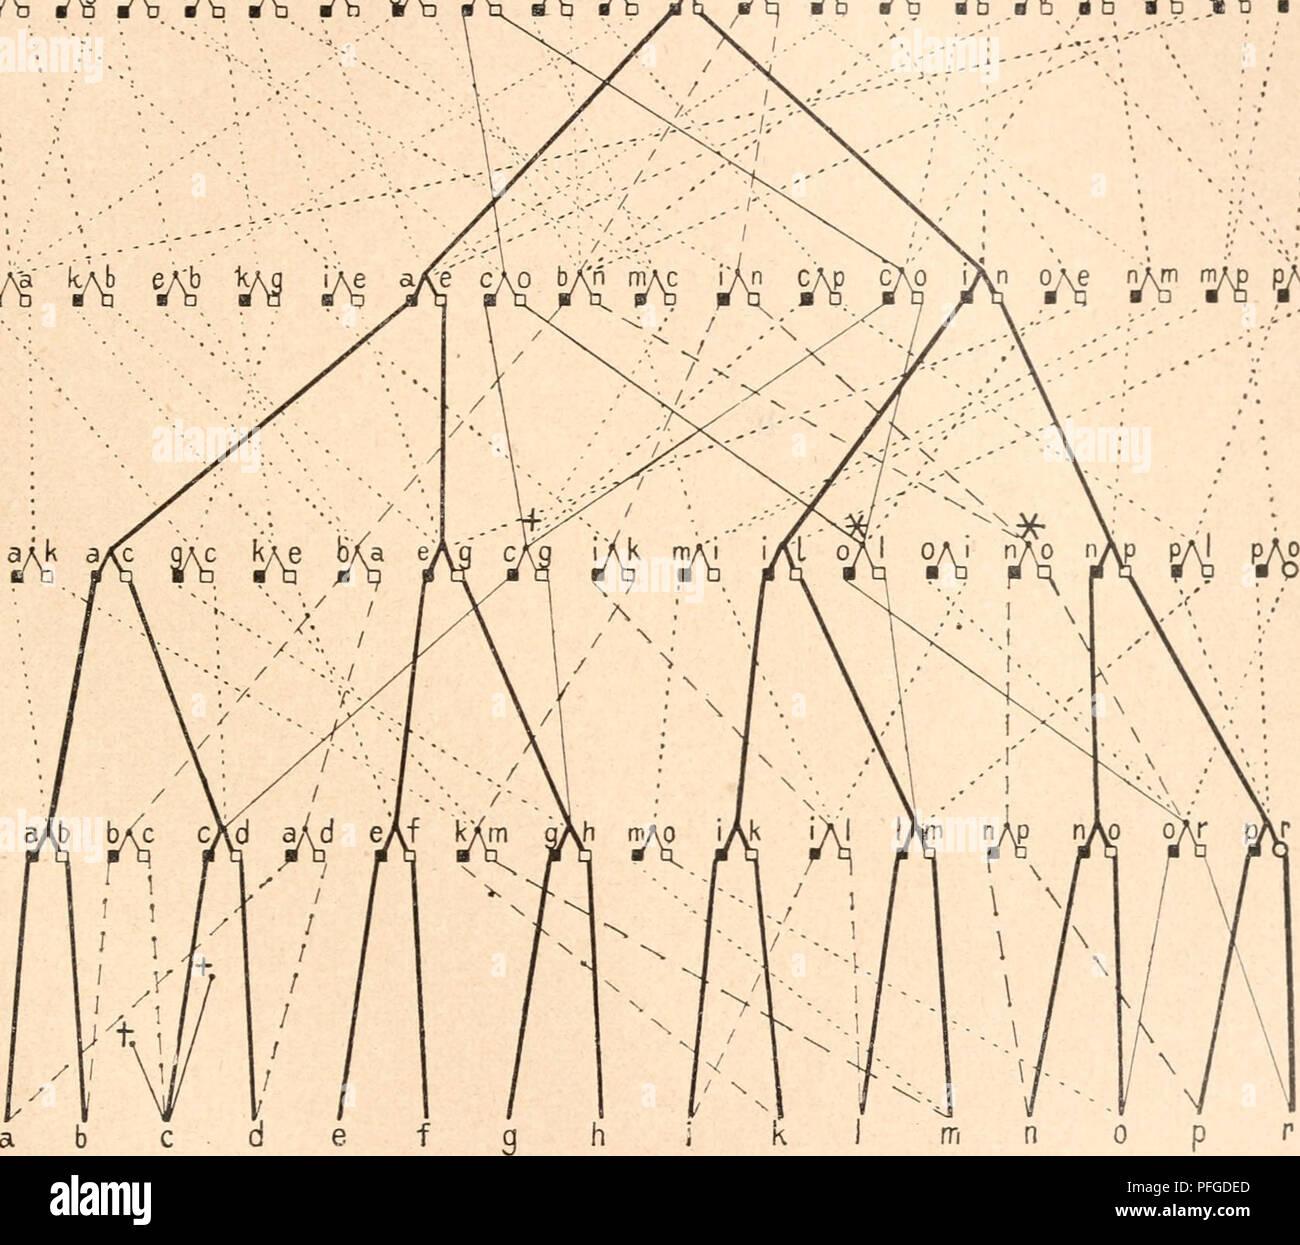 """. Das werden der organismen zur widerlegung von Darwins zufallstheorie durch das gesetz in der entwicklung. Evolution; Life. Das bei geschlechtlicher Zeugung entstehende genealogische Netzwerk. 24^ Verhältnisse, die durch die geschlechtlichen Verbindungen, durch die aus ihnen entstehenden Kinder und durch die von diesen wieder- um neu eingegangenen Ehen in einer Bevölkerung geschaffen werden. Bei der Stammtafel müÃten auch die weiblichen Linien '^â n 'j^ir^ '/i '/i ^/^ H 20 /^ w 'A w,.^-^,sa; 6^,â4r^ ' r^"""")^ '/i )M H 1? 'â â :â """"â â . â â â¢.â ⢠'. : OJ^ n^m n^ p^ 16 15 P 16. Fi Stock Photo"""